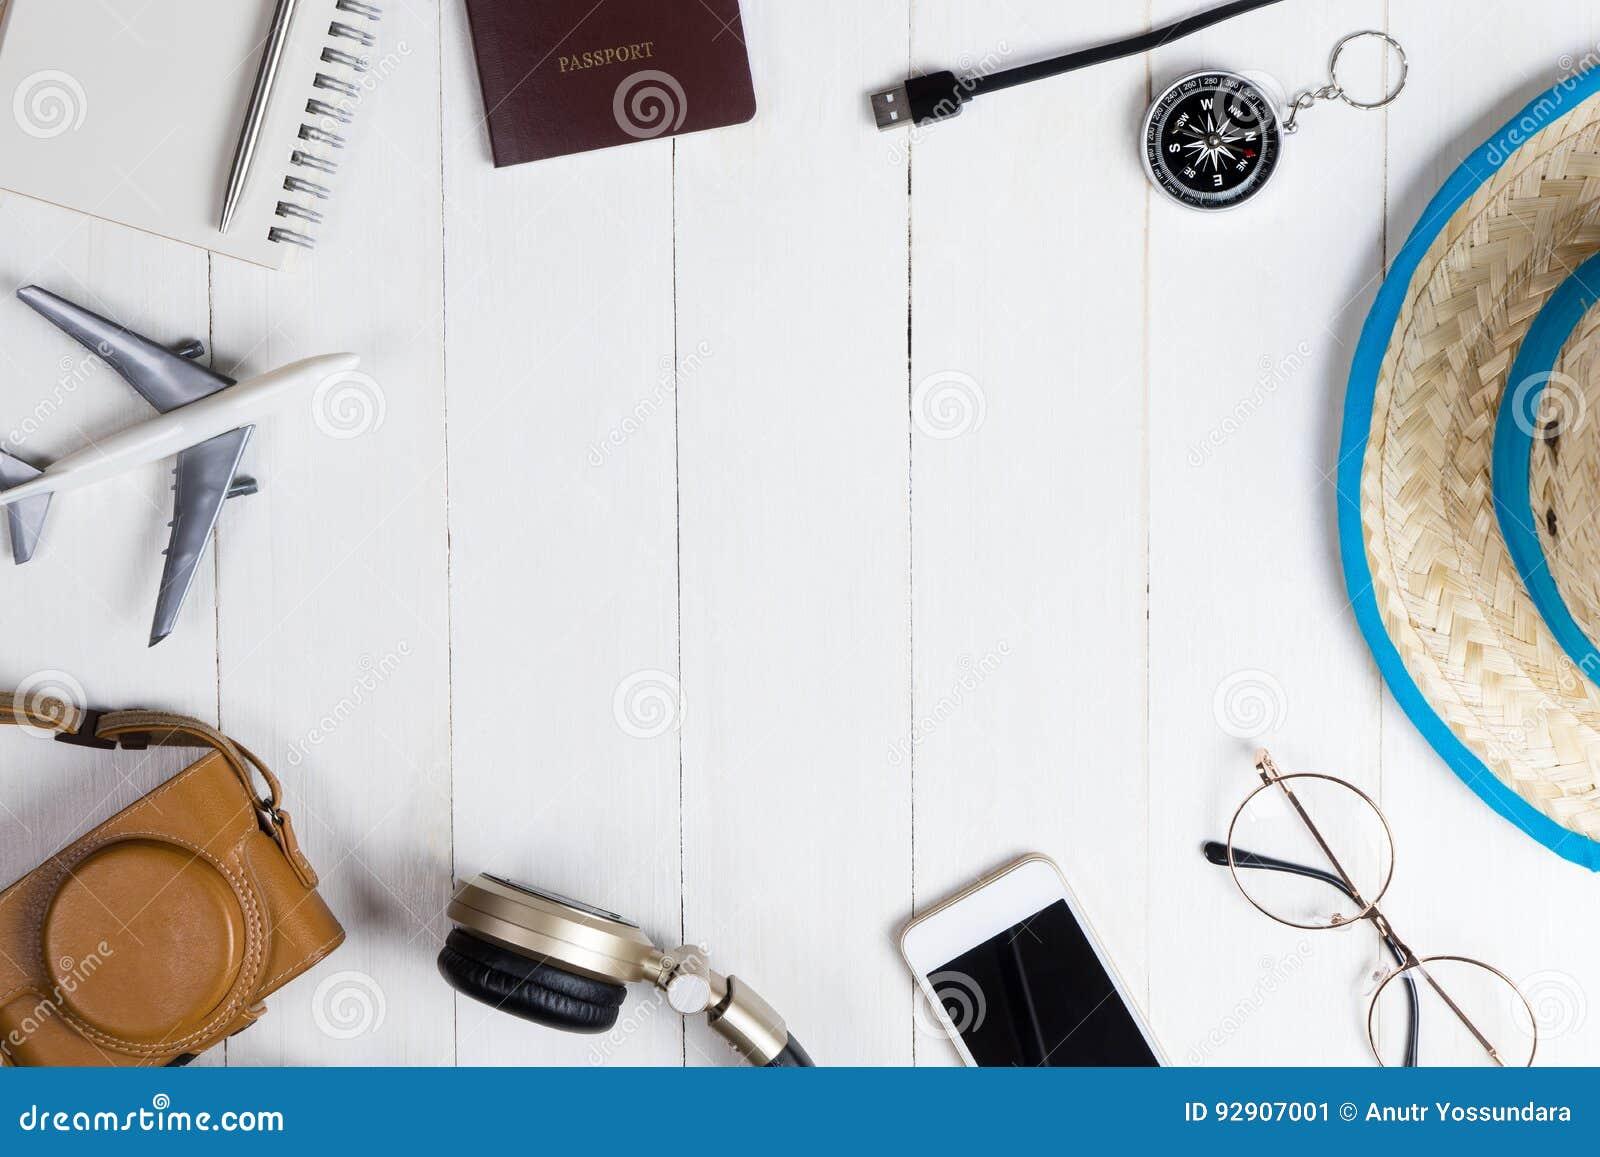 Μόδα και εξαρτήματα ταξιδιού στο λευκό